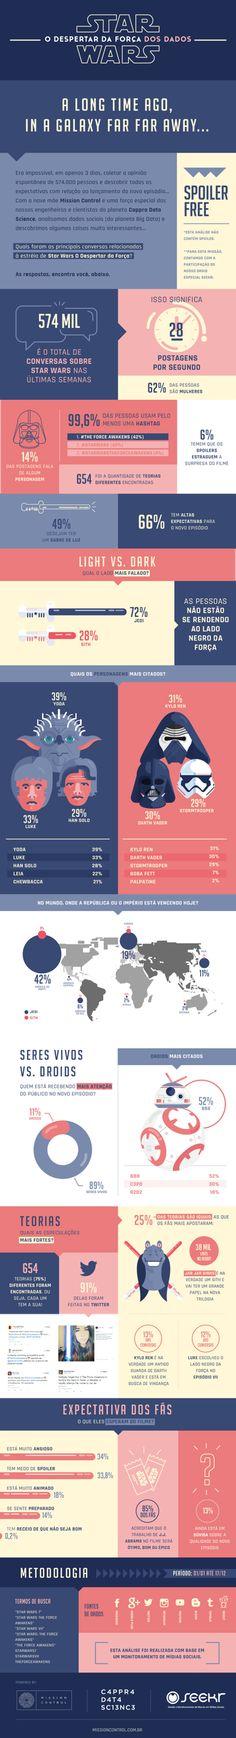 [Infográfico] Star Wars: O despertar da força… dos Dados :) | CAPPRA Data Science | C4PPR4 D4T4 SC13NC3